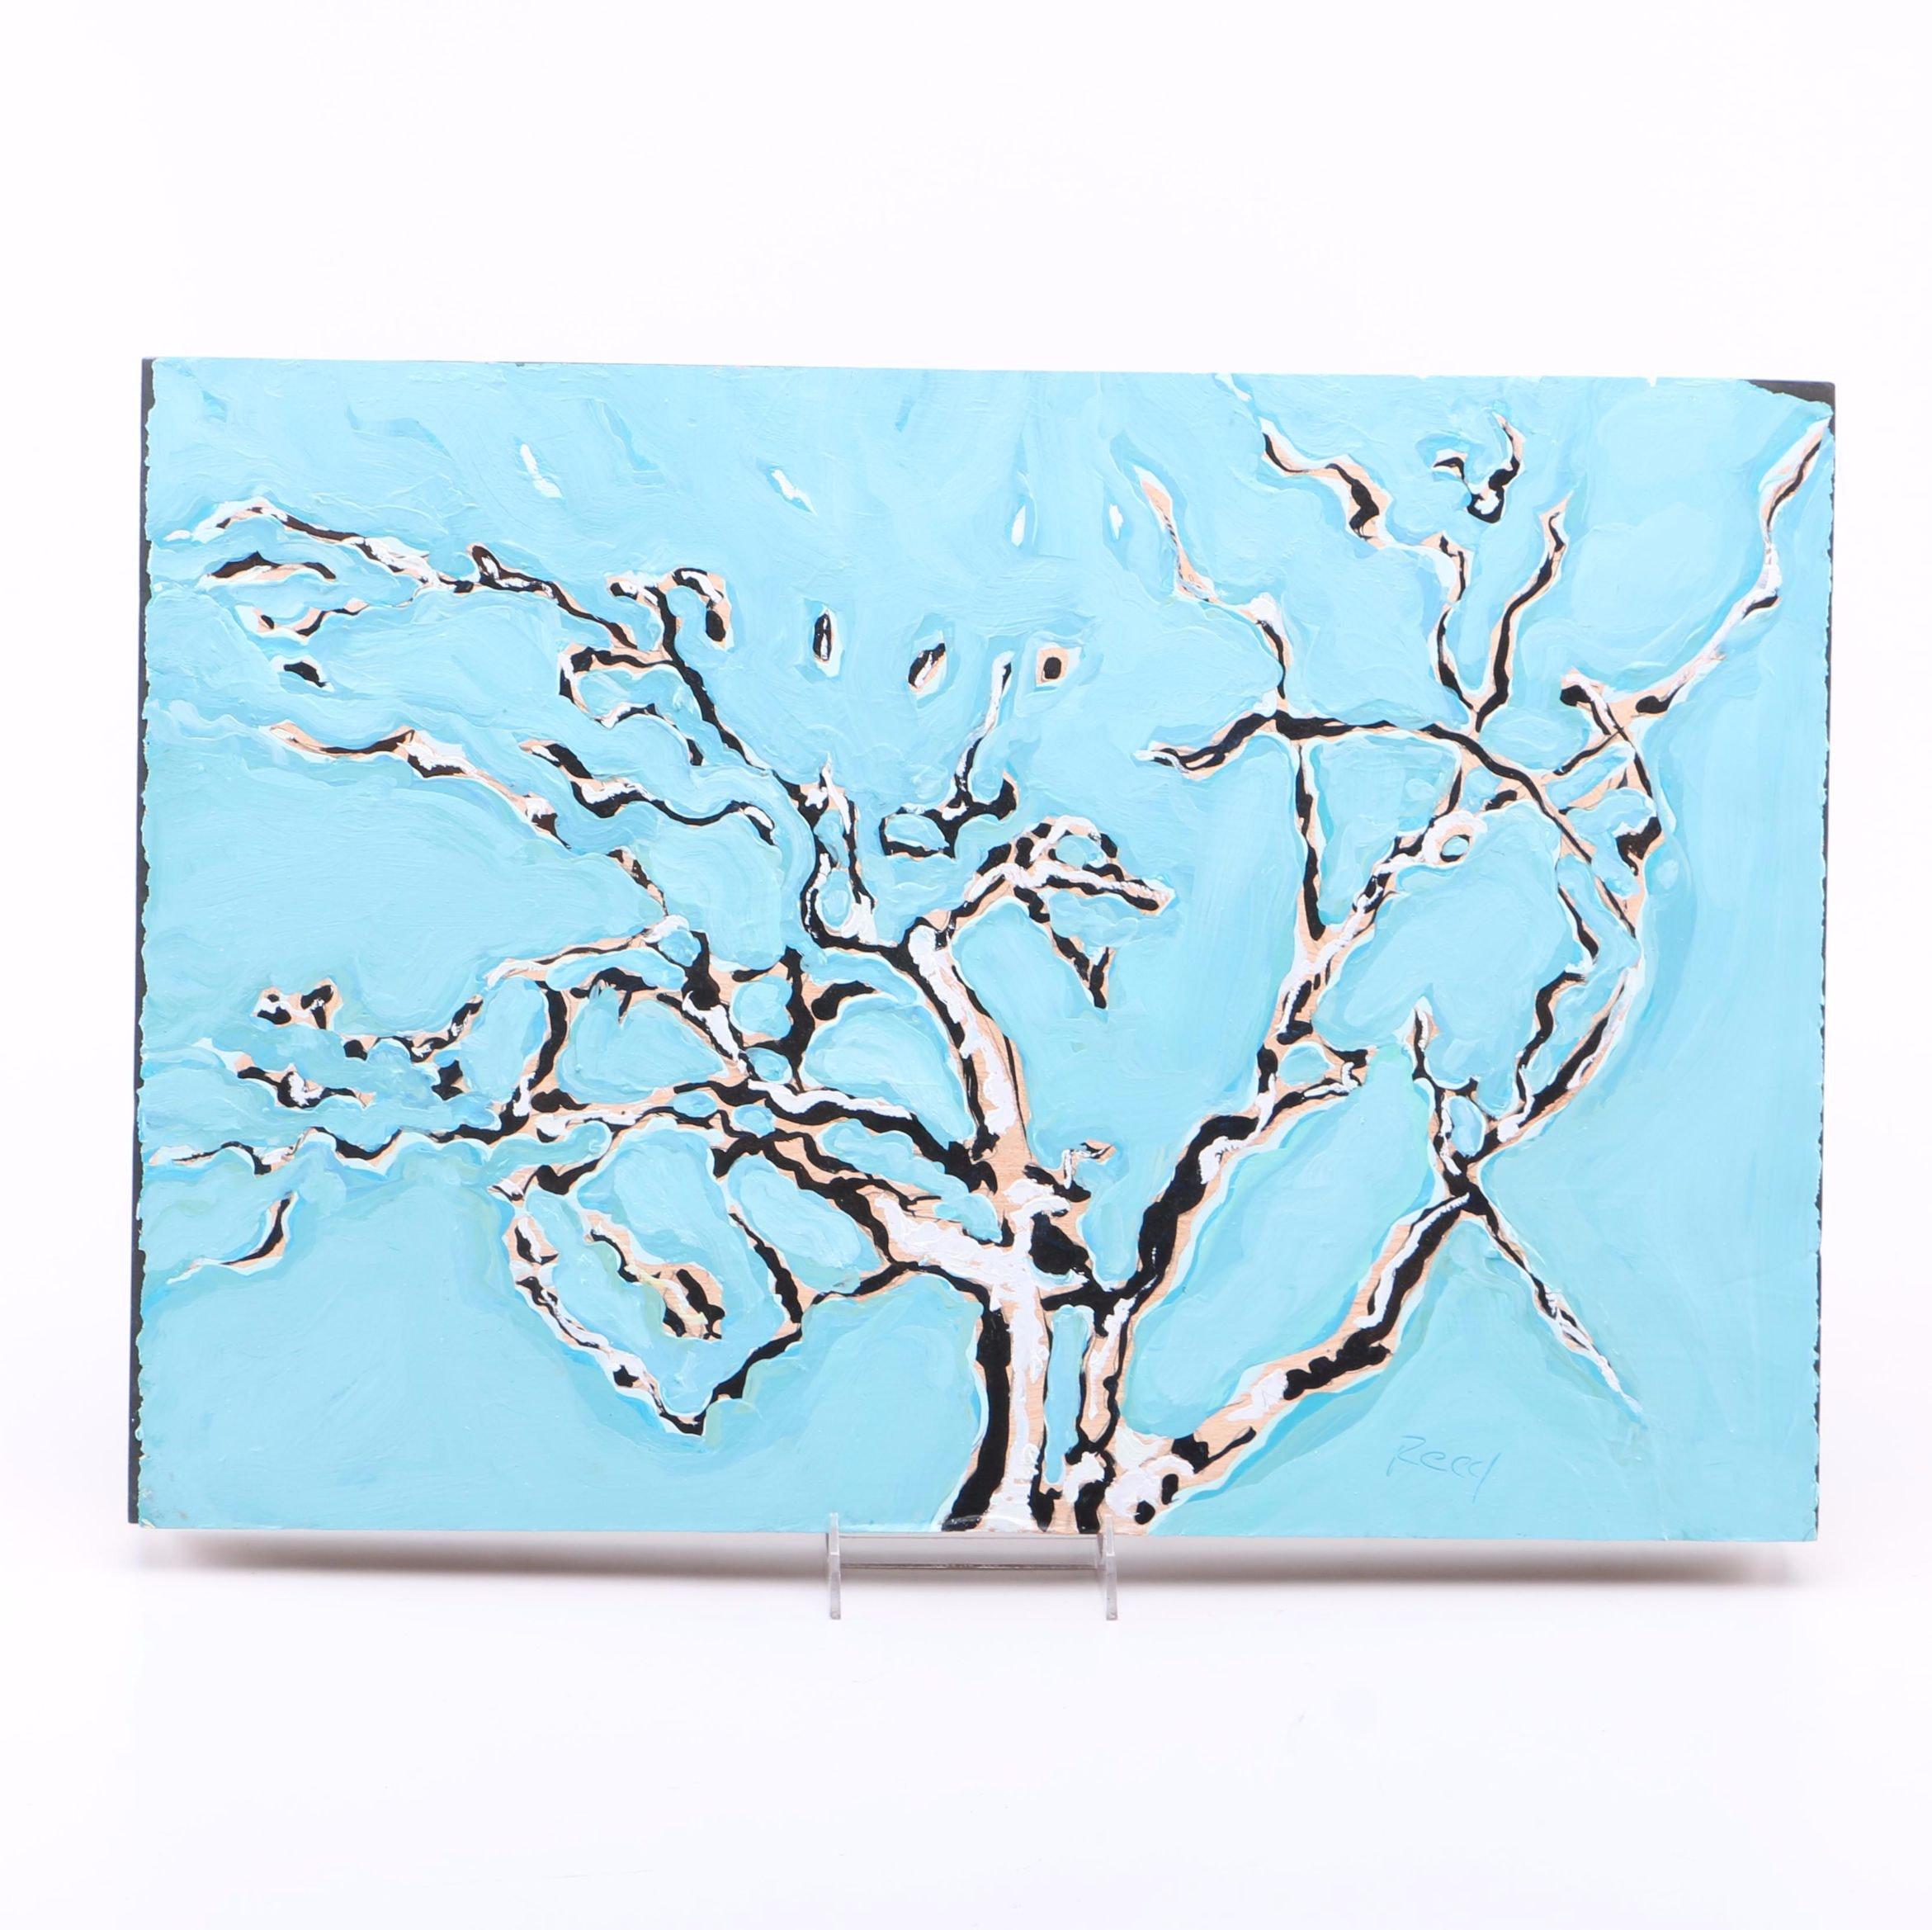 Reed Oil on Wooden Board of Tree in Winter